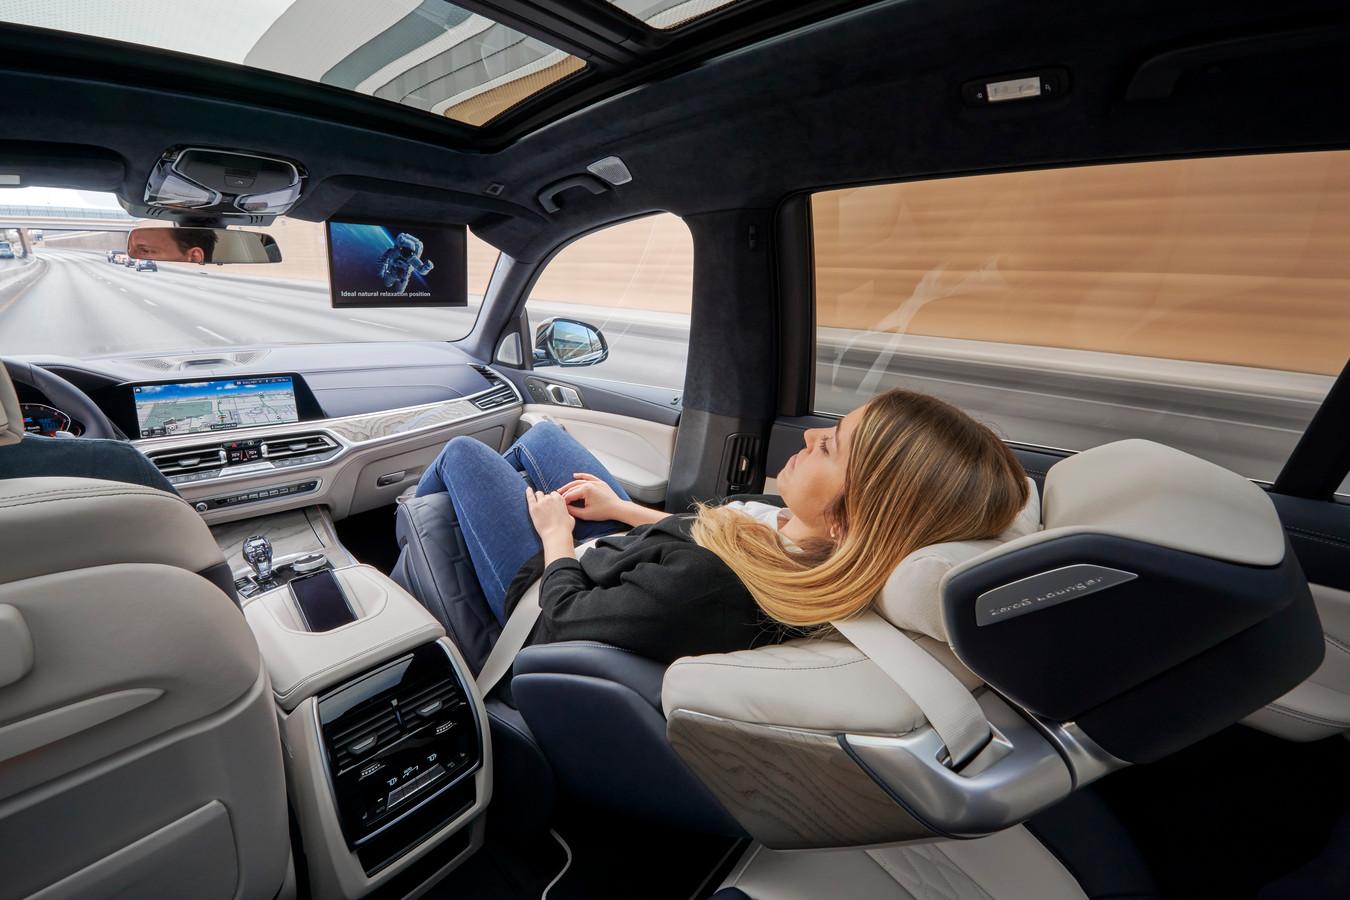 Naast de bestuurder veilig liggen slapen: de nieuwe stoel in de BMW X7 maakt het mogelijk.